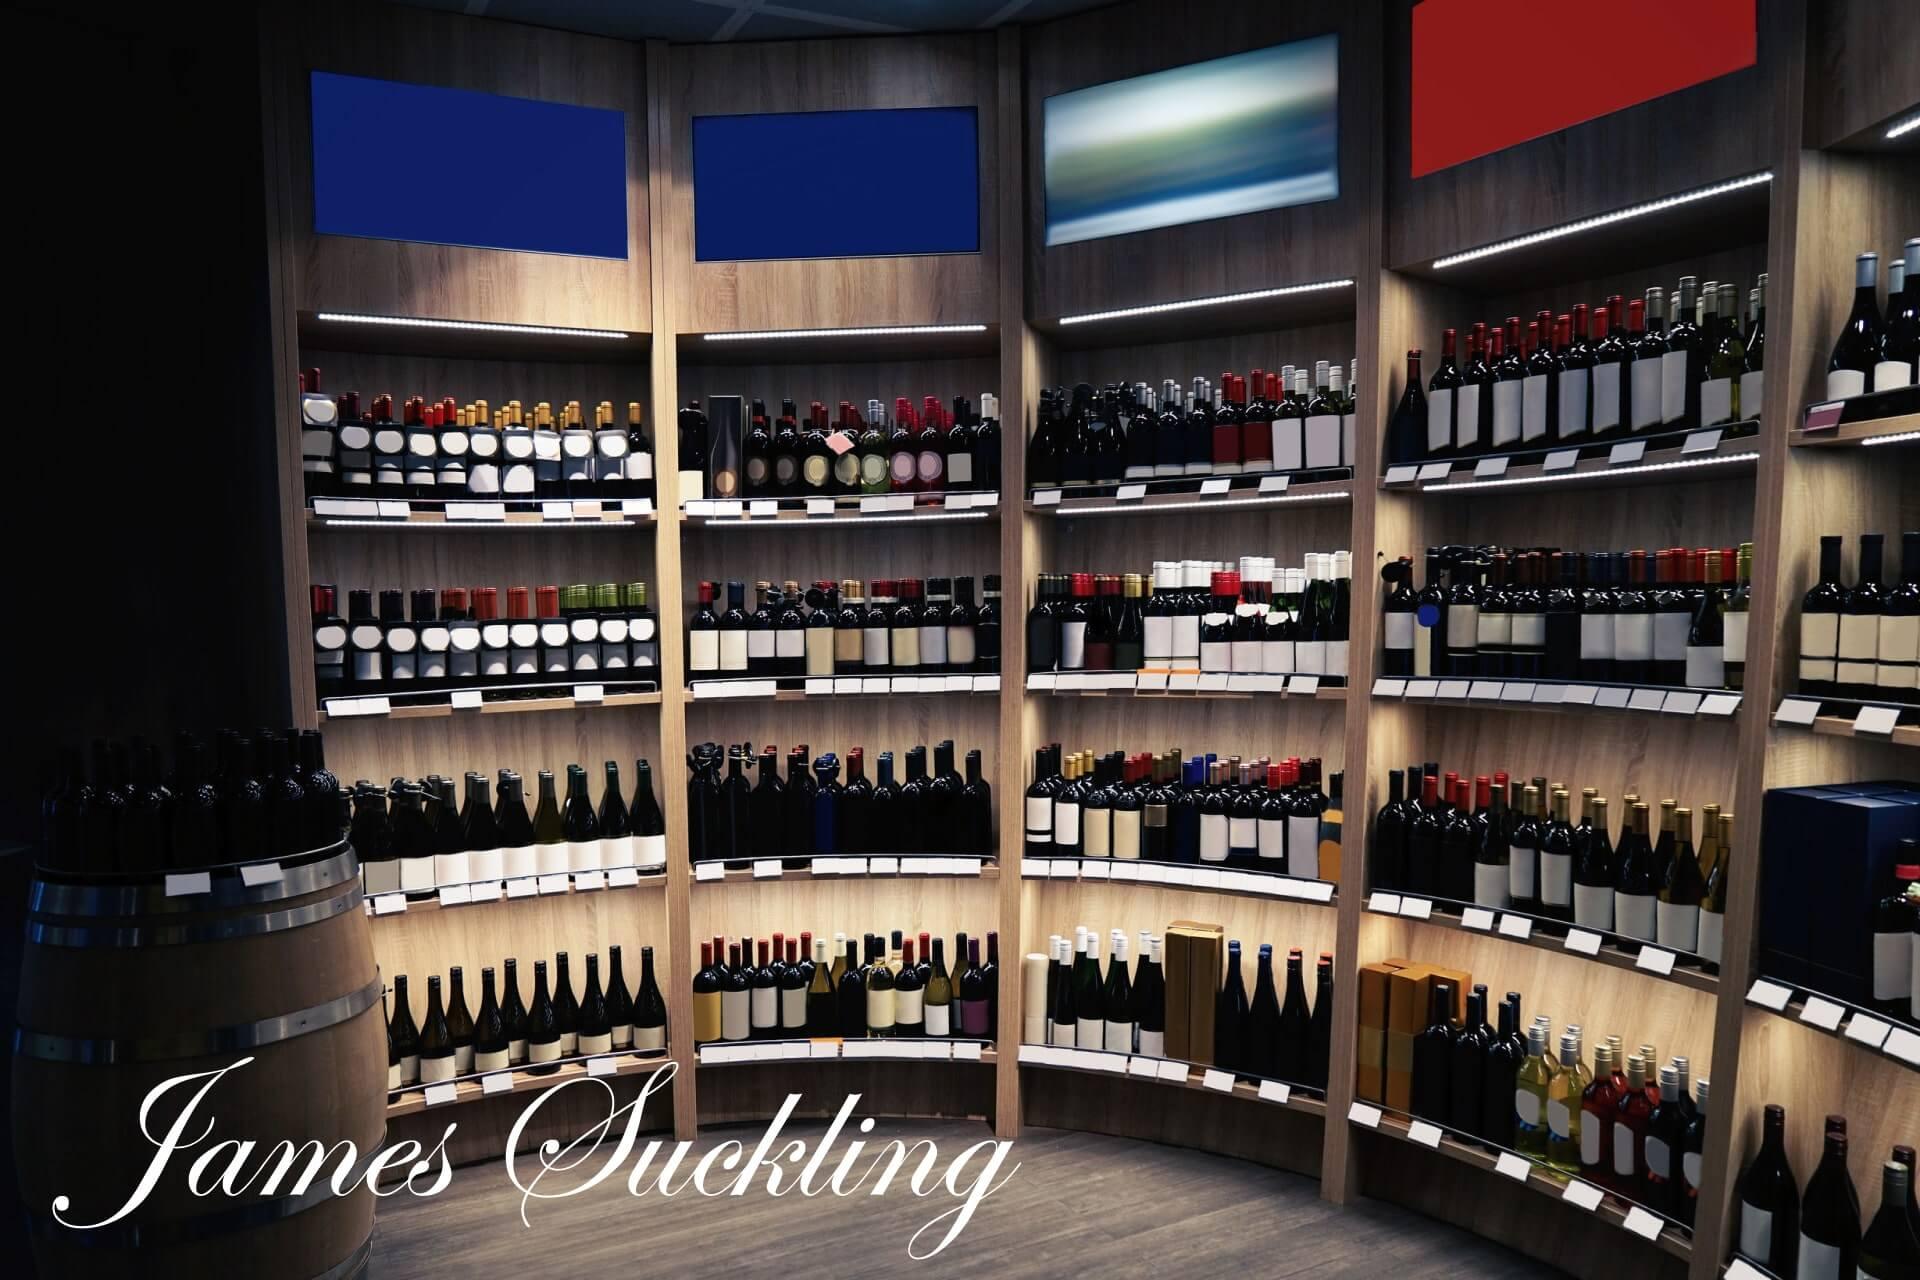 ジェームス・サックリング氏が高評価をつけた2000円台中心のワインのメインビジュアルの画像